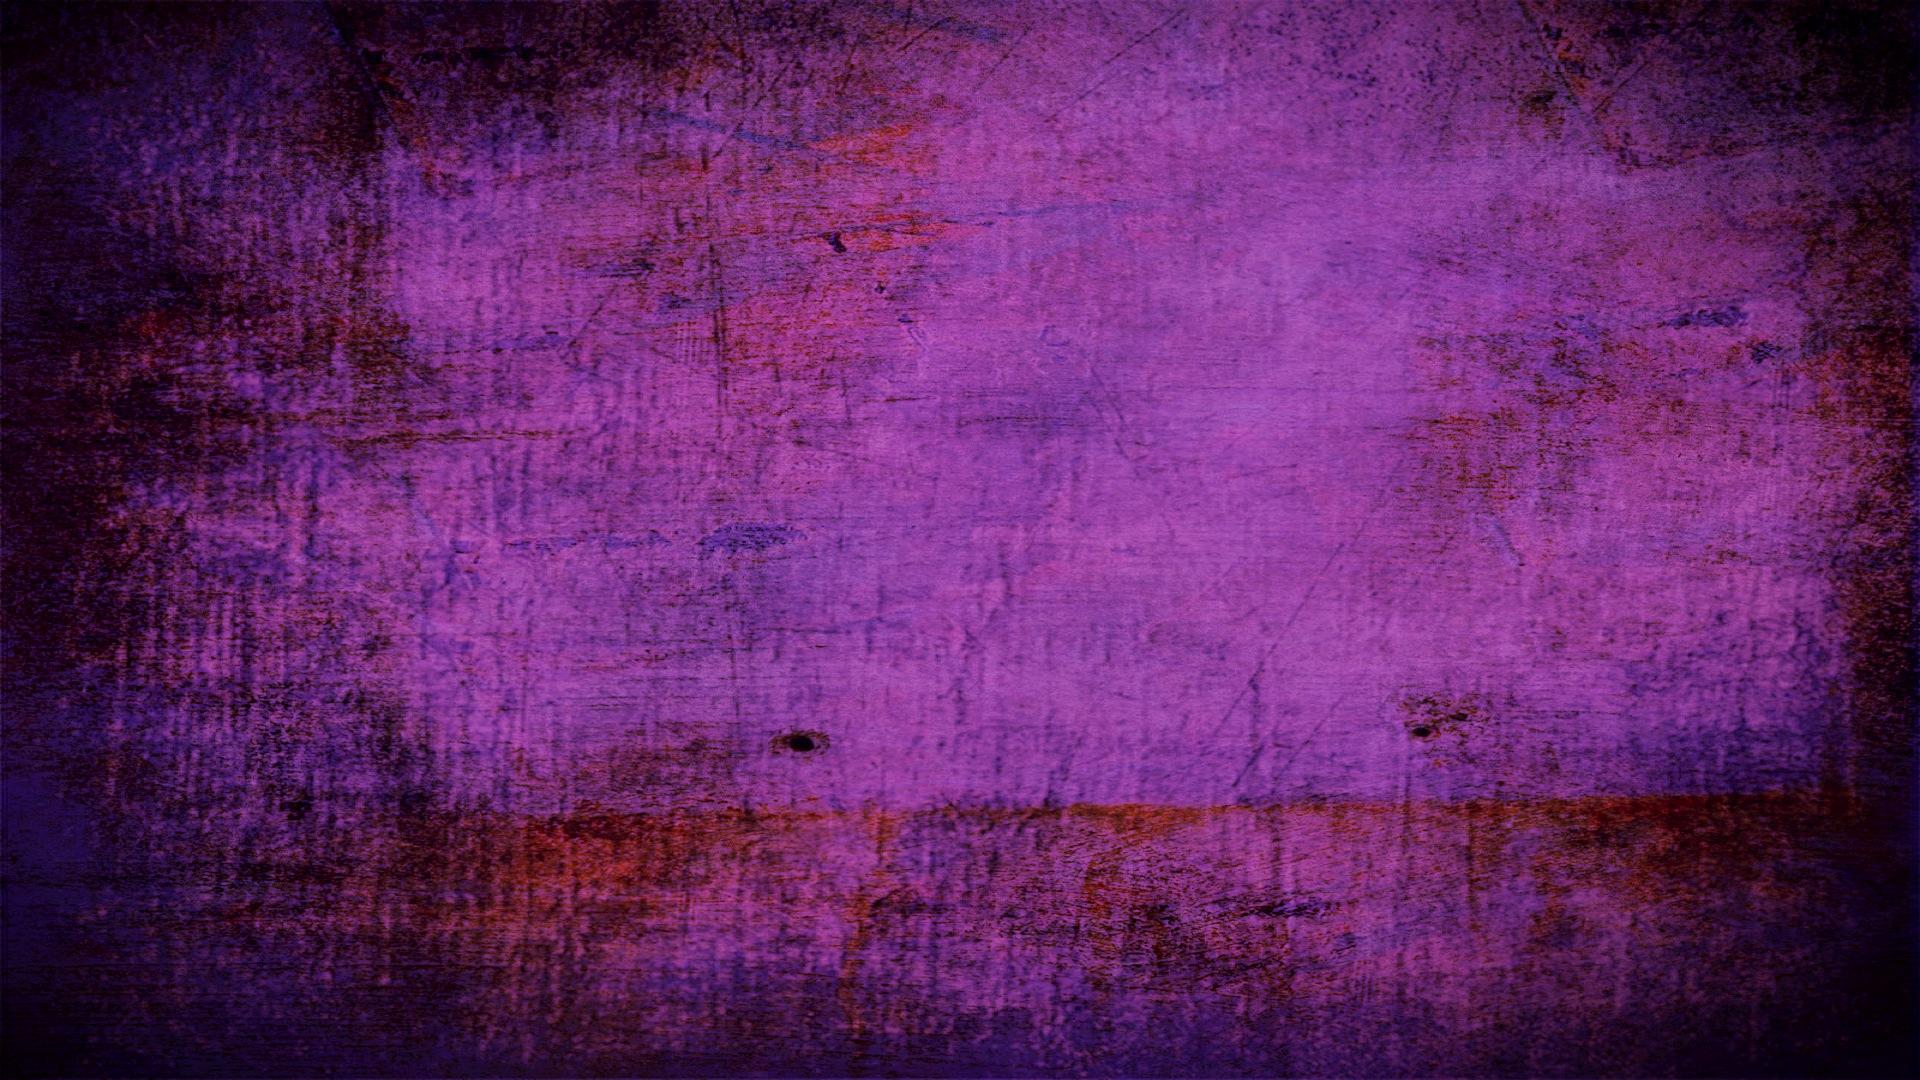 textured background images eztechtrainingcom